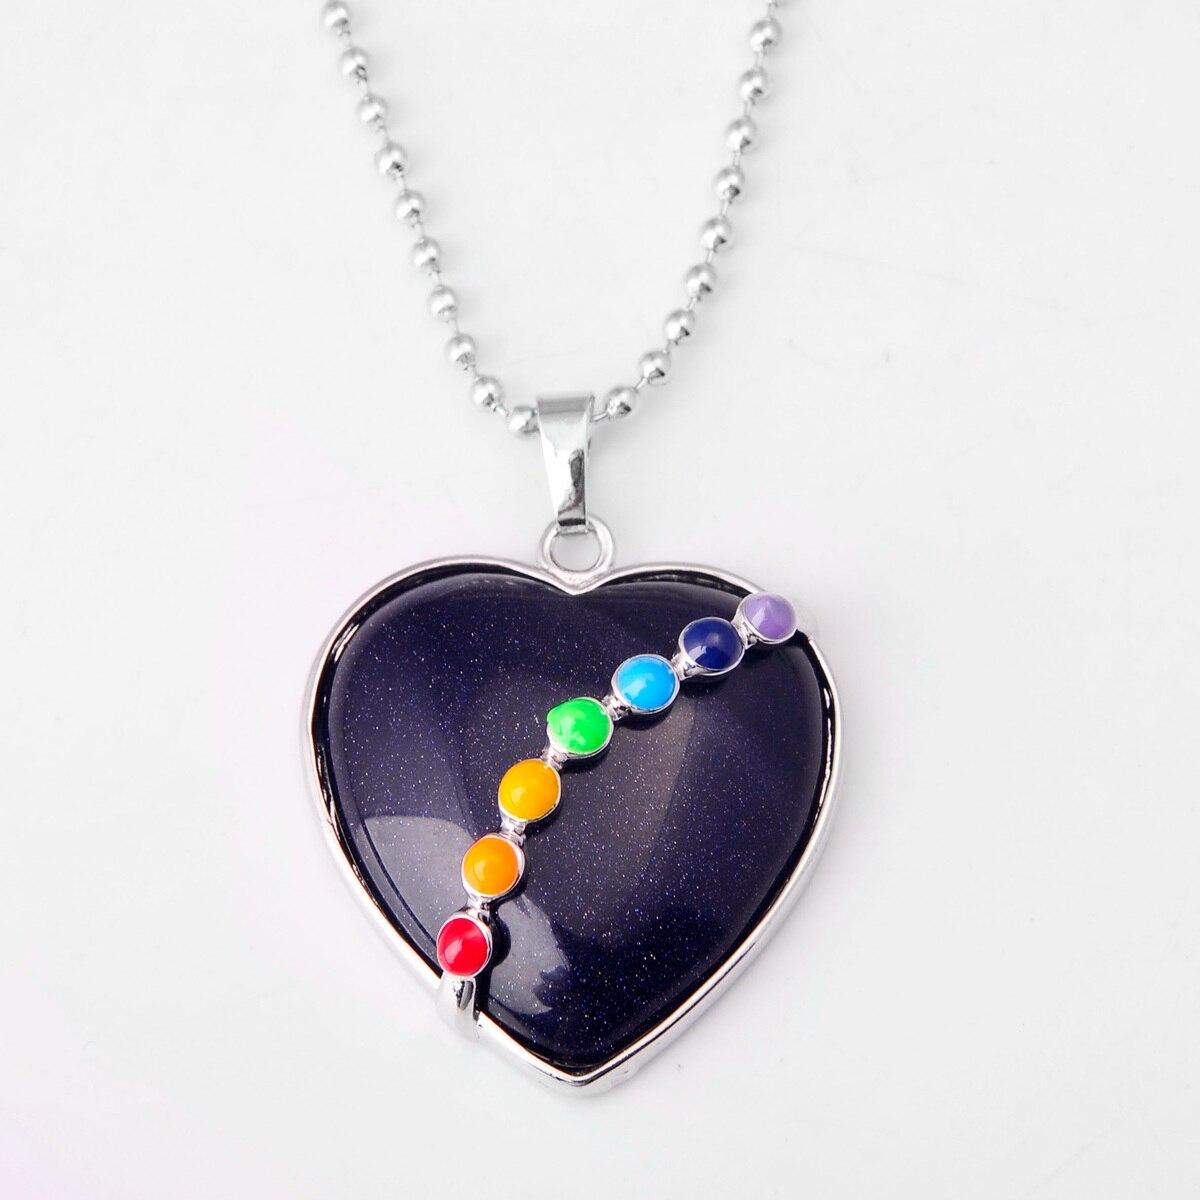 ASHMITA малахитовое сердце из кабошона с 7 чакра камень кулон ожерелье - Окраска металла: 13